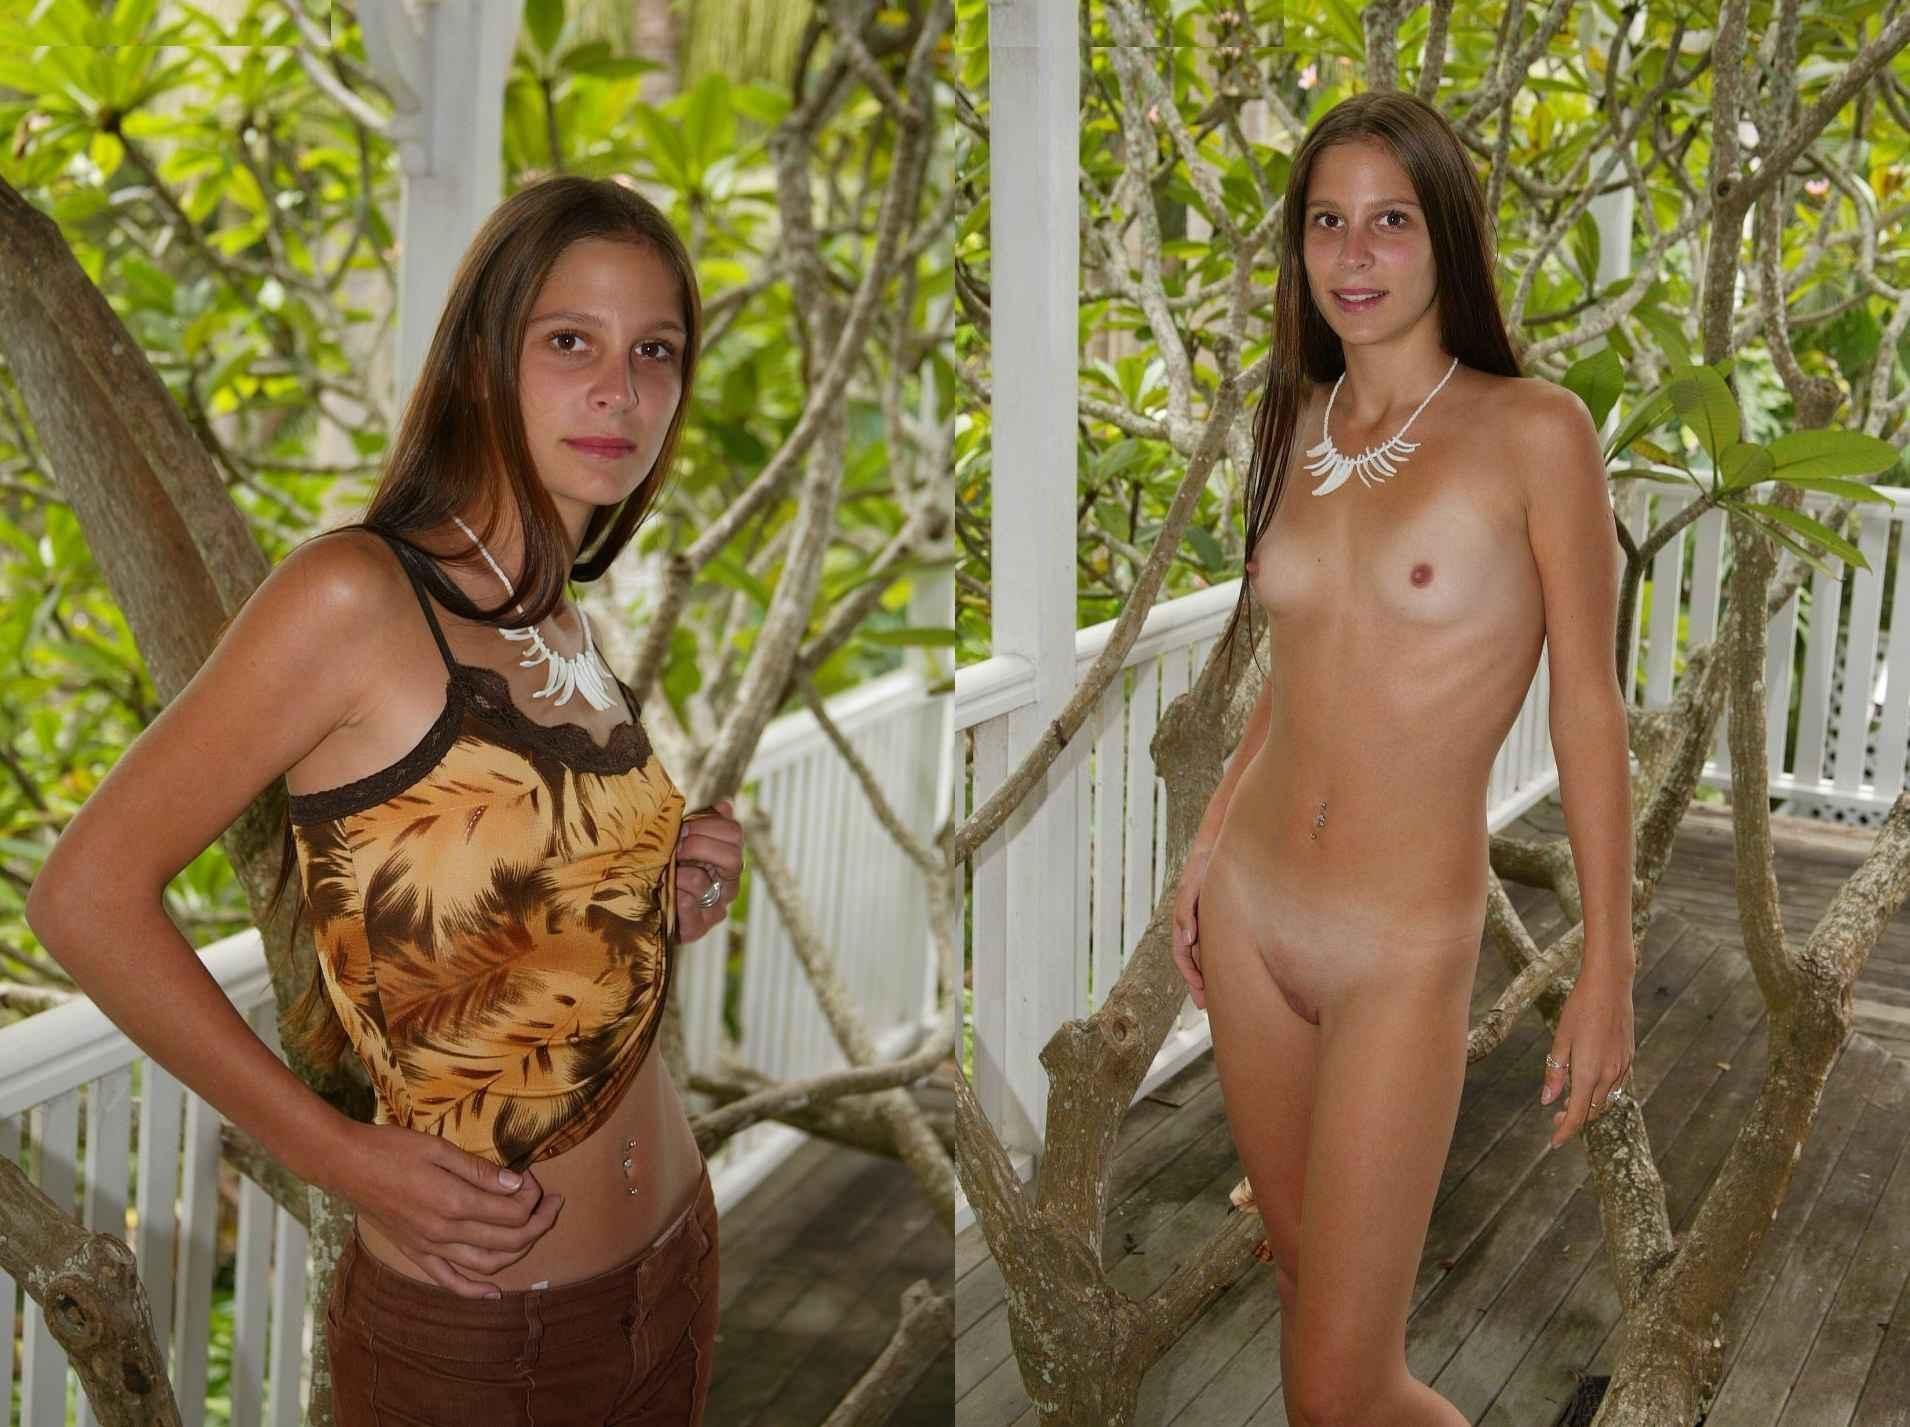 Эротика в одежде девушки, Секс в одежде популярные видео 11 фотография